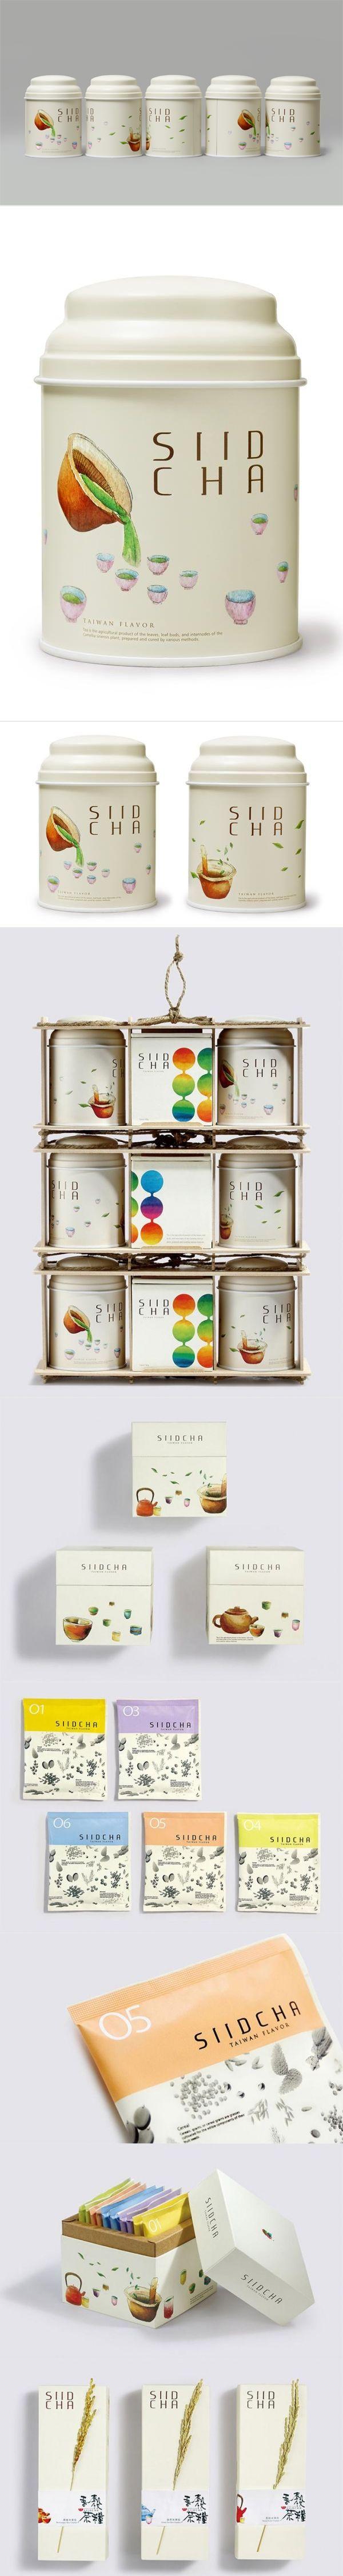 台湾吾谷茶粮 SIID CHA 系列包裝设计 beautiful #tea #packaging #branding PD